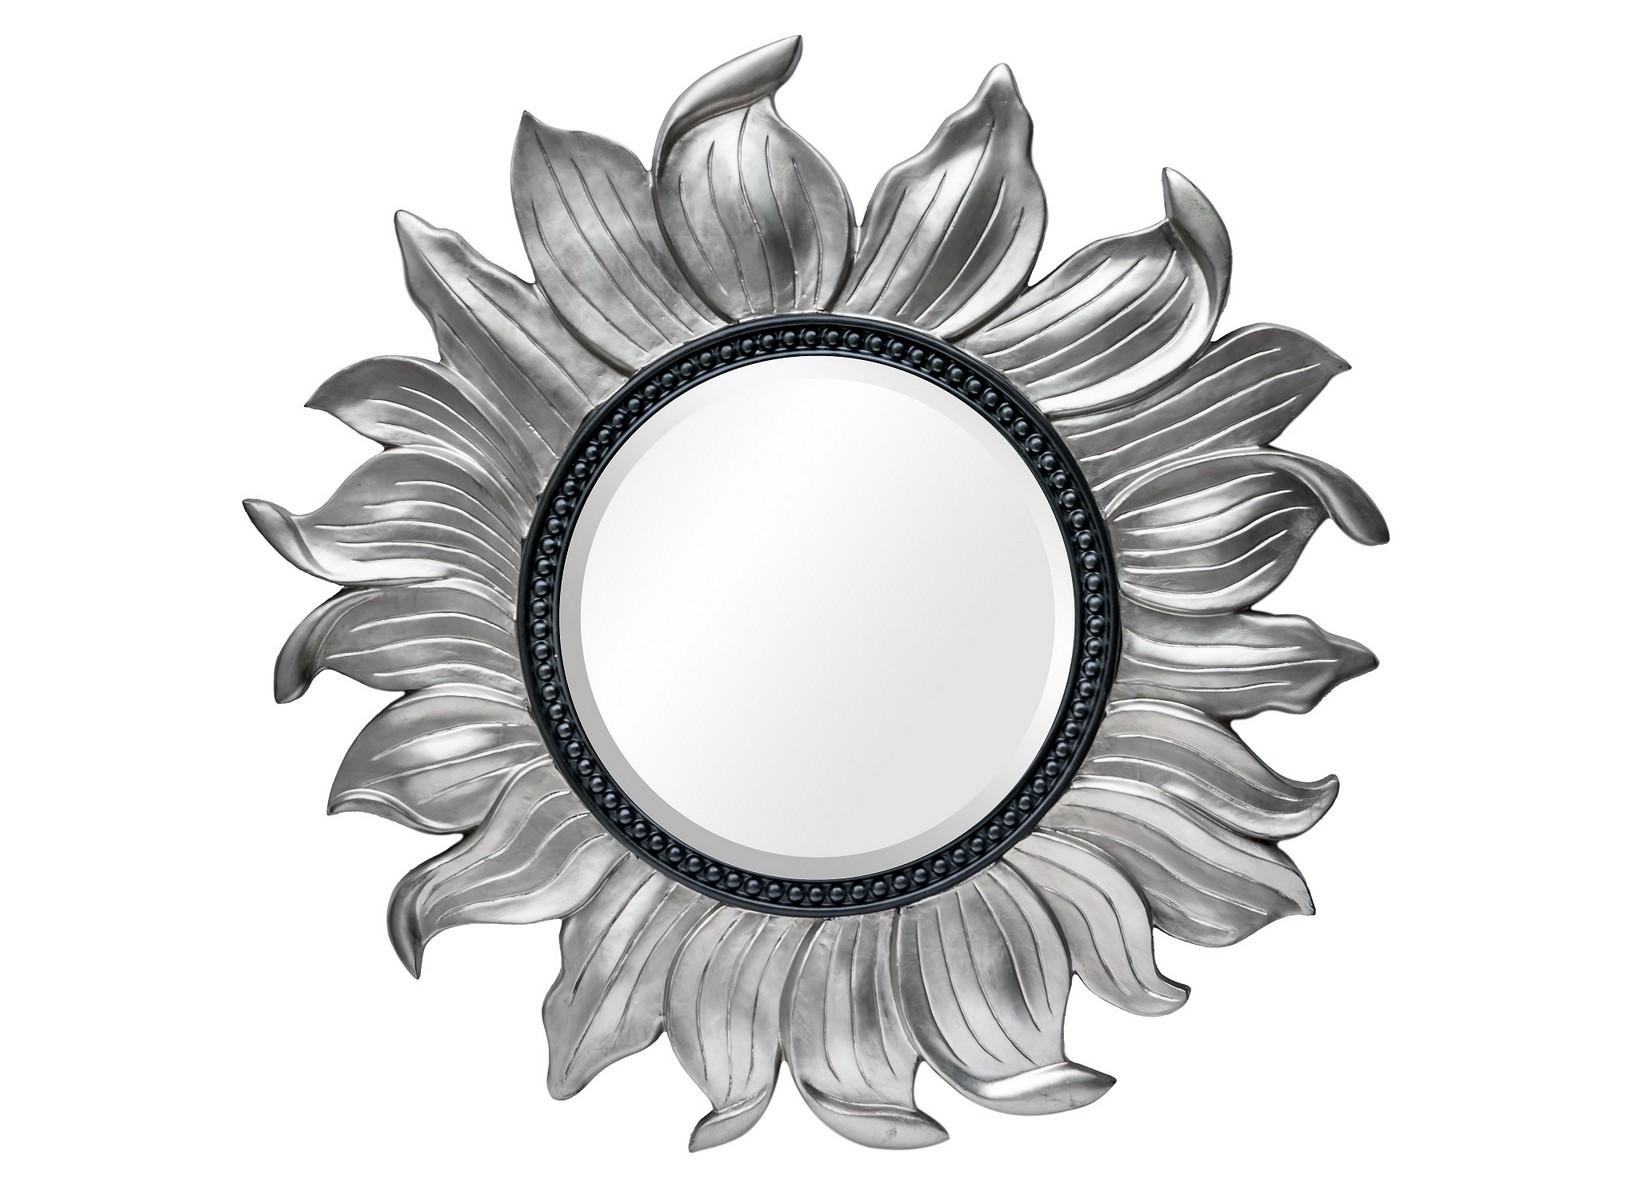 Зеркало GirasoleНастенные зеркала<br><br><br>Material: Пластик<br>Depth см: 4<br>Diameter см: 110